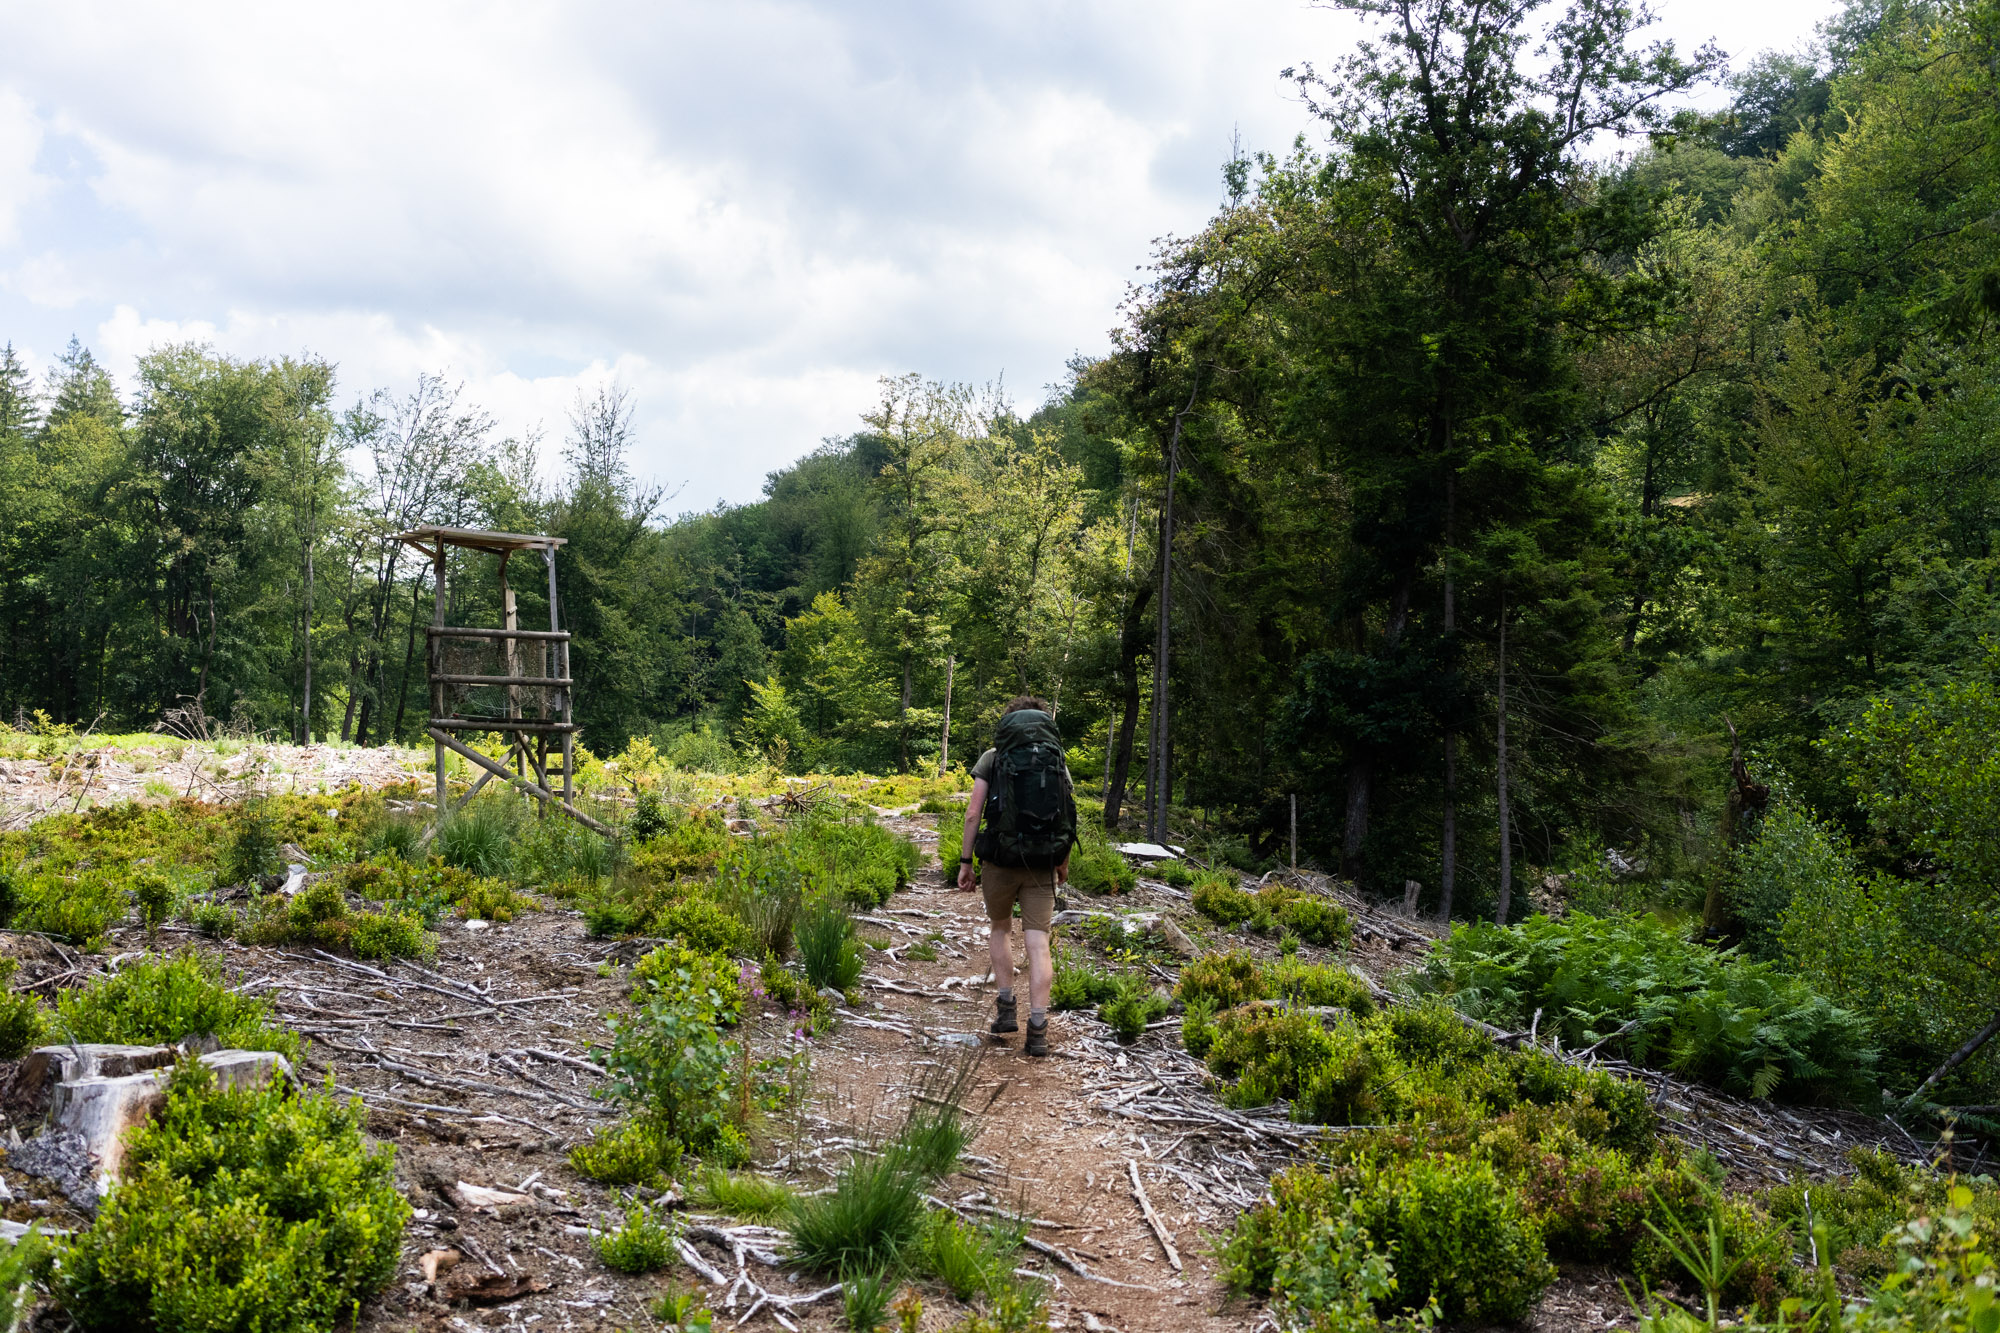 Wandelaar op wild pad